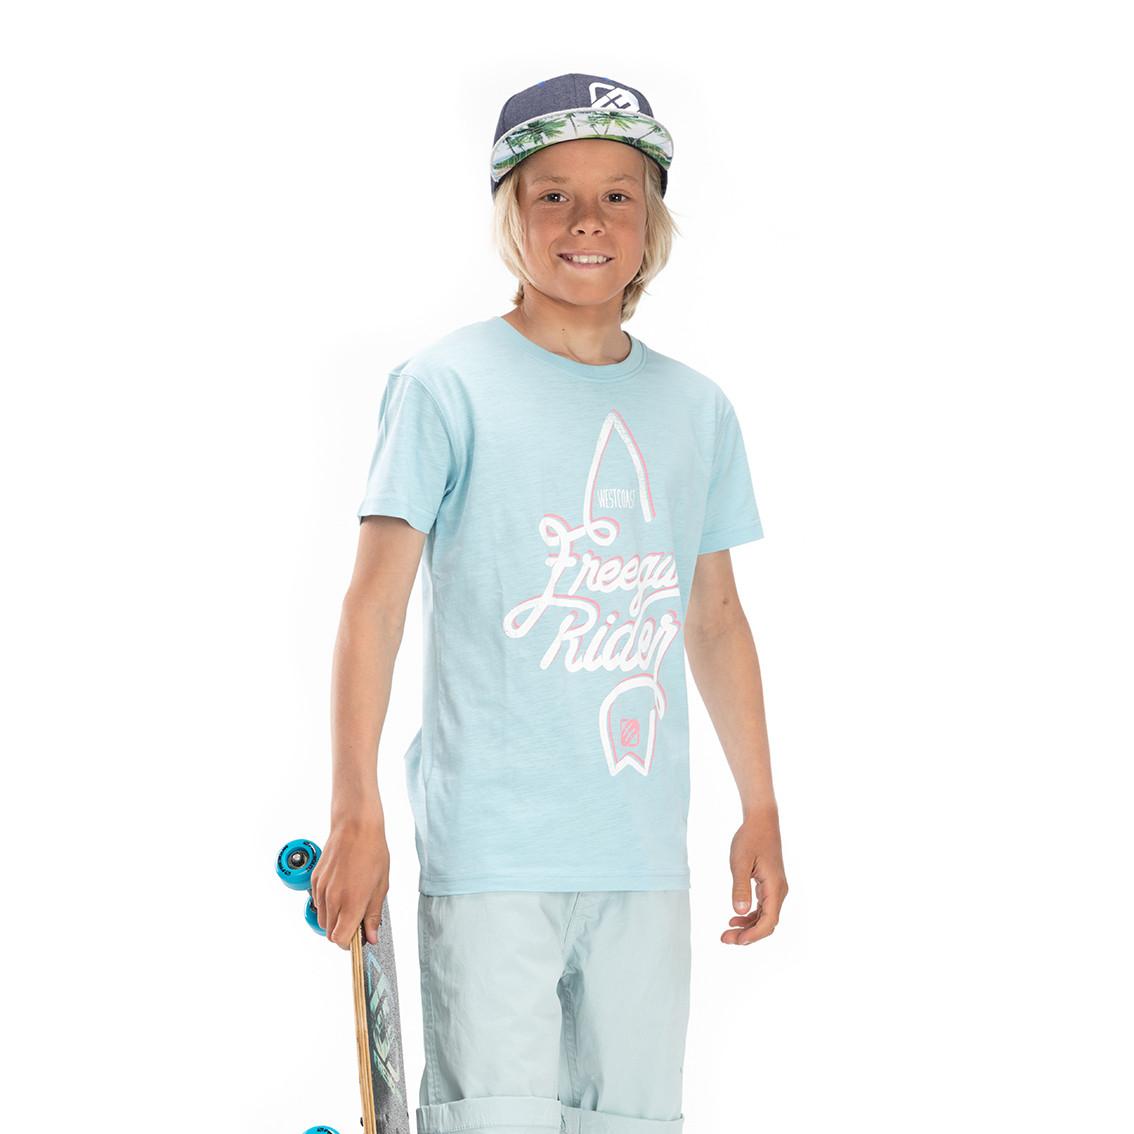 T-shirt garçon rider (photo)